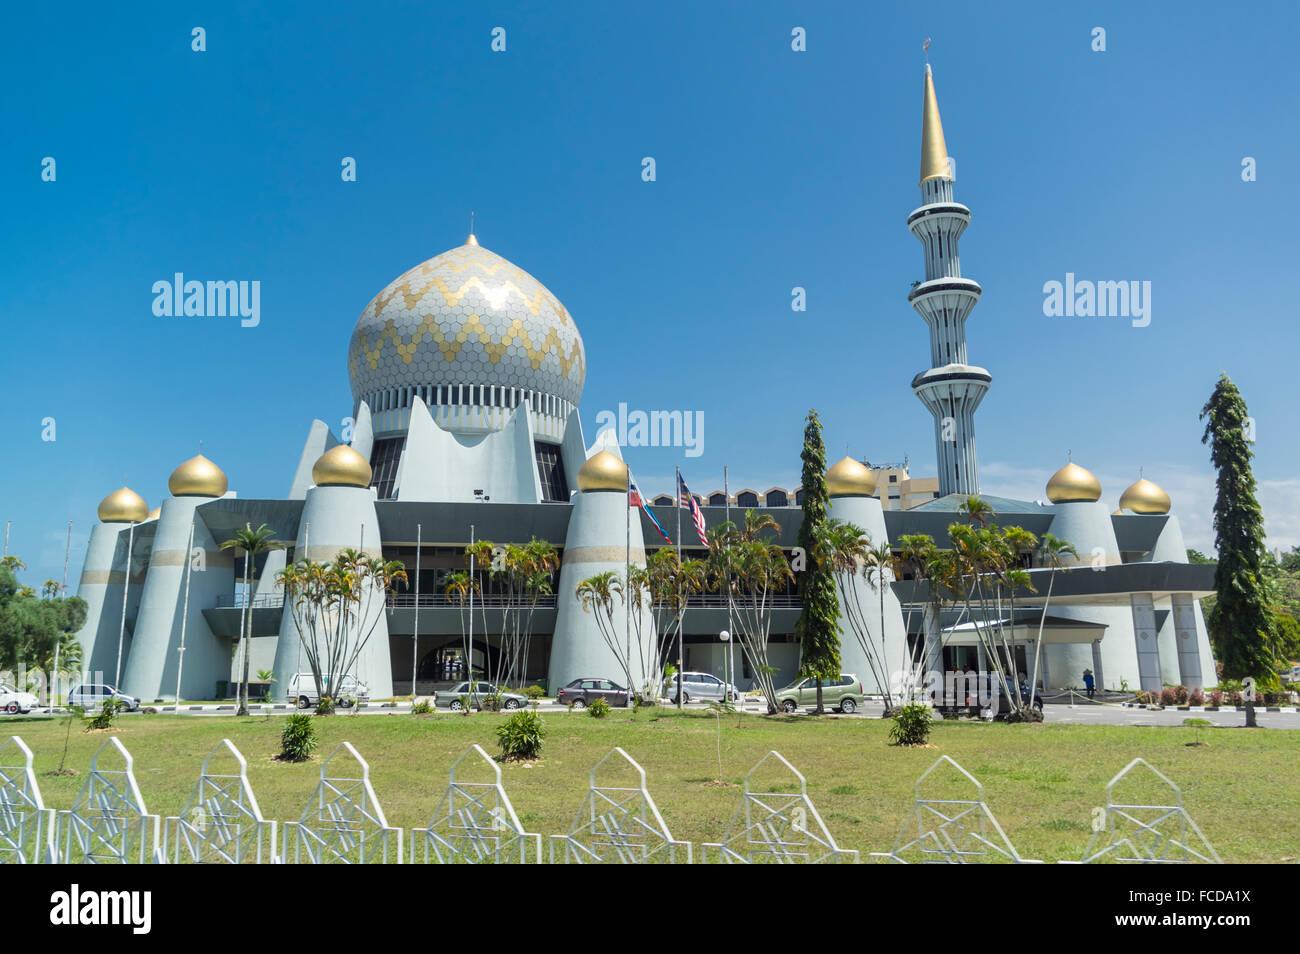 Masjid Negeri Sabah, the Sabah state mosque, in Kota Kinabalu, Malaysia. - Stock Image